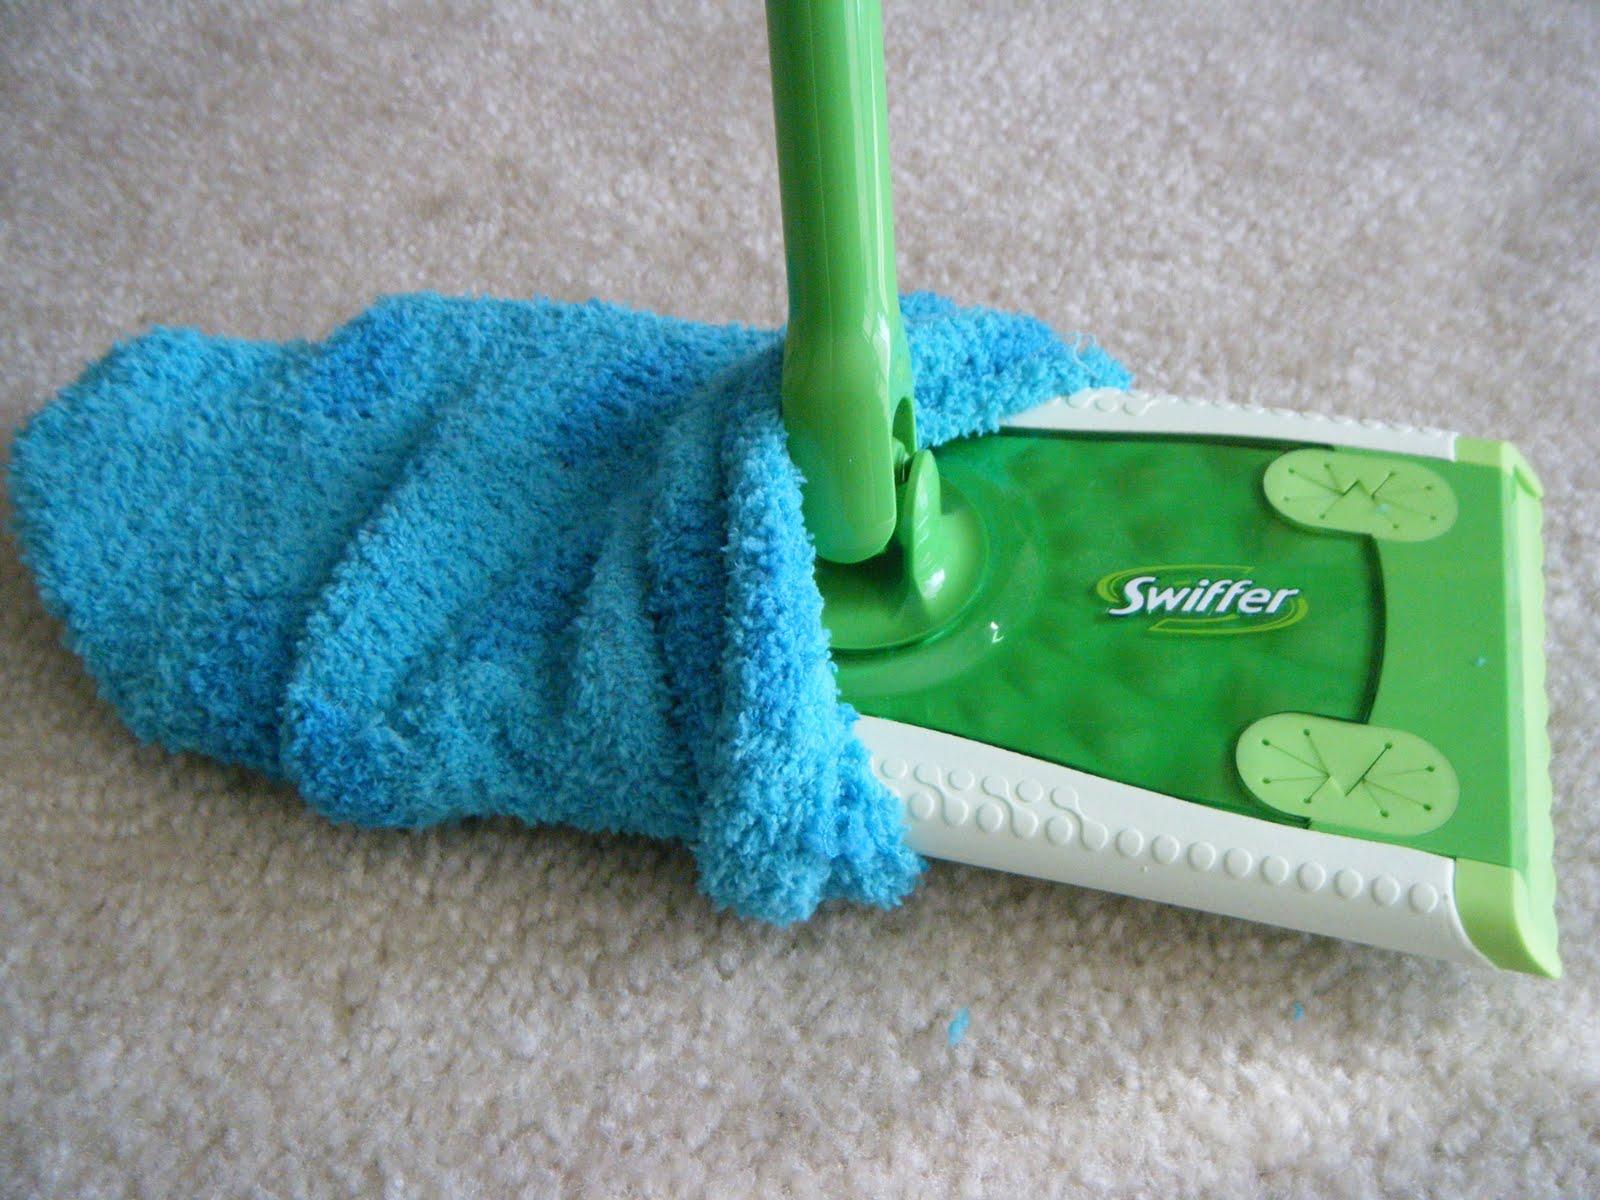 dusting hacks 1